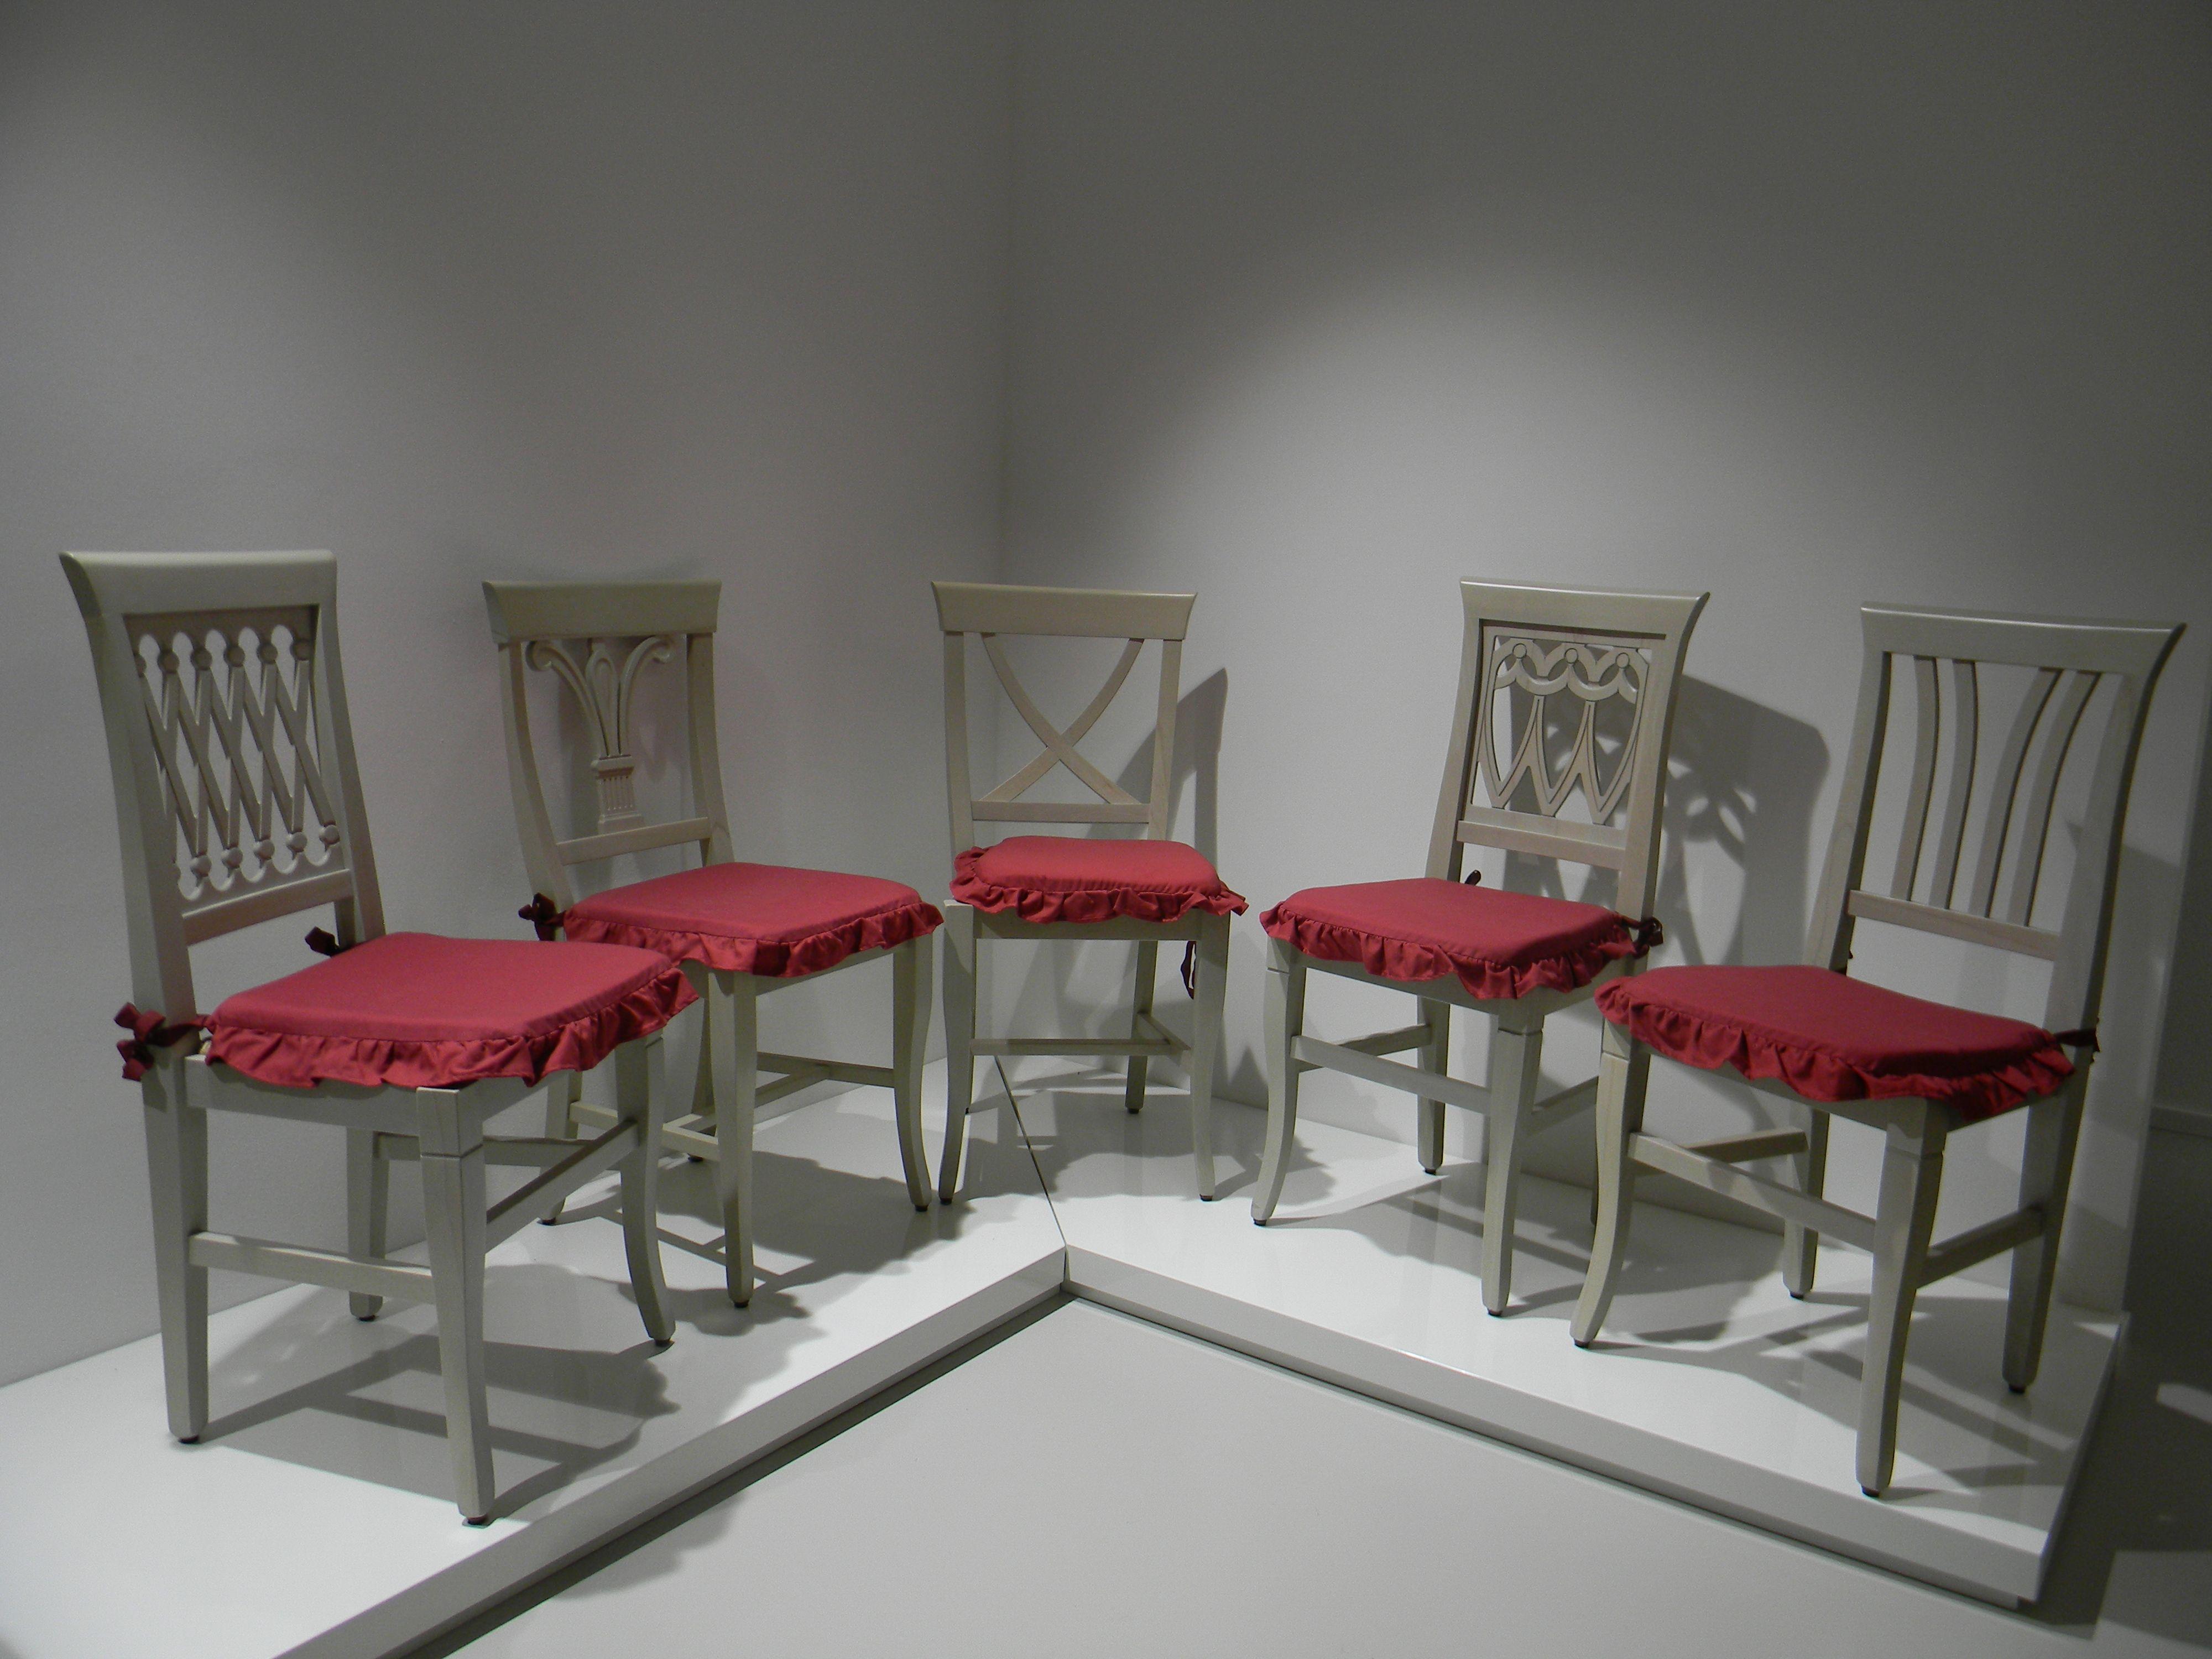 Franzoni Sedie ~ Franzoni sedie best sedie gambassi sedie with franzoni sedie